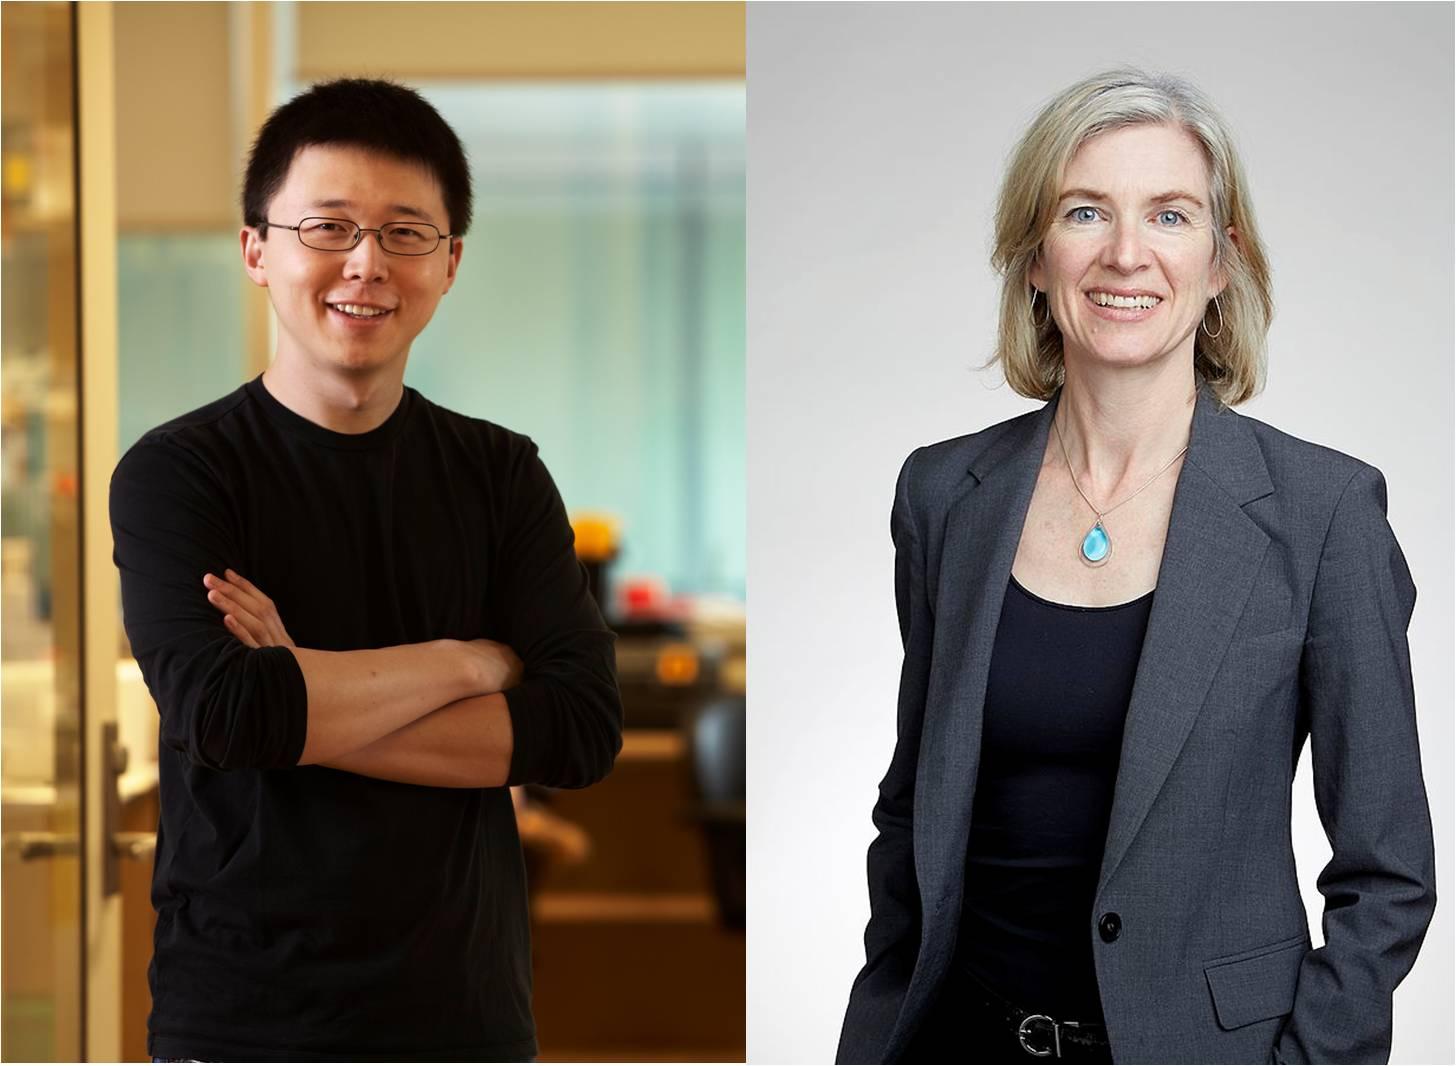 이번 소송에서 승리한 펑 장 MIT 교수(왼쪽)와 상대쪽이었던 제니퍼 다우드나 UC 버클리 교수(오른쪽)